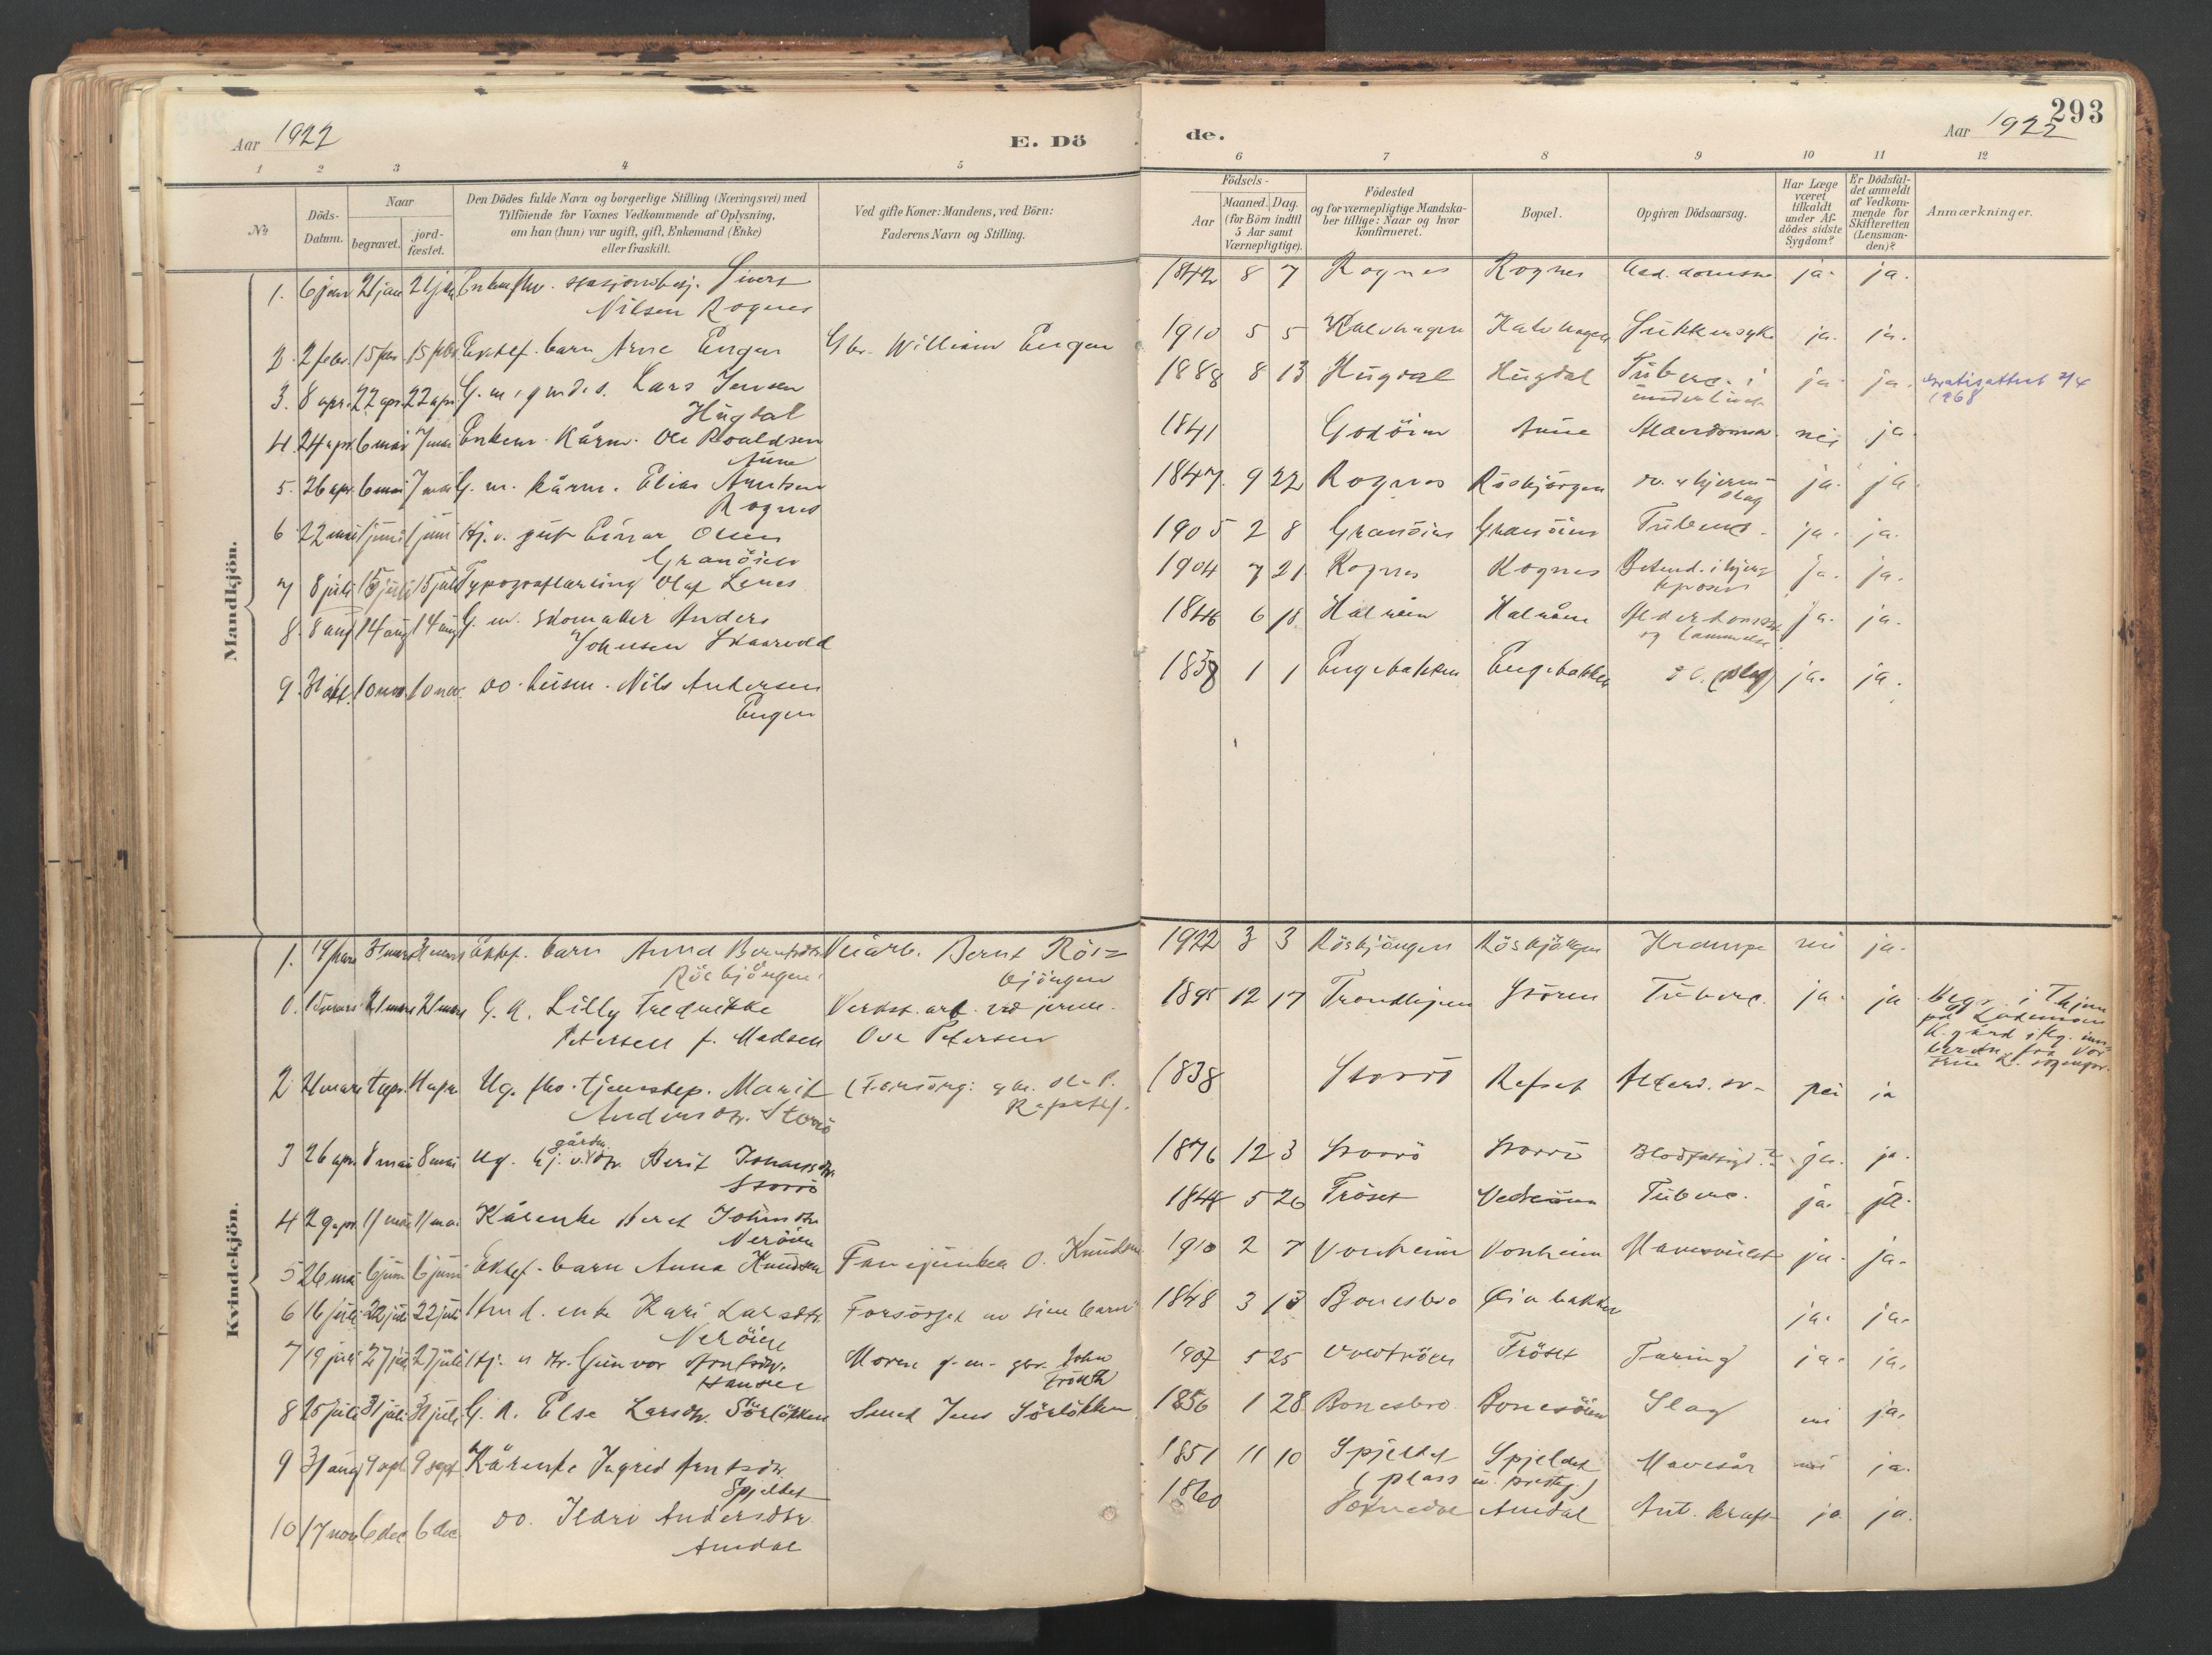 SAT, Ministerialprotokoller, klokkerbøker og fødselsregistre - Sør-Trøndelag, 687/L1004: Ministerialbok nr. 687A10, 1891-1923, s. 293